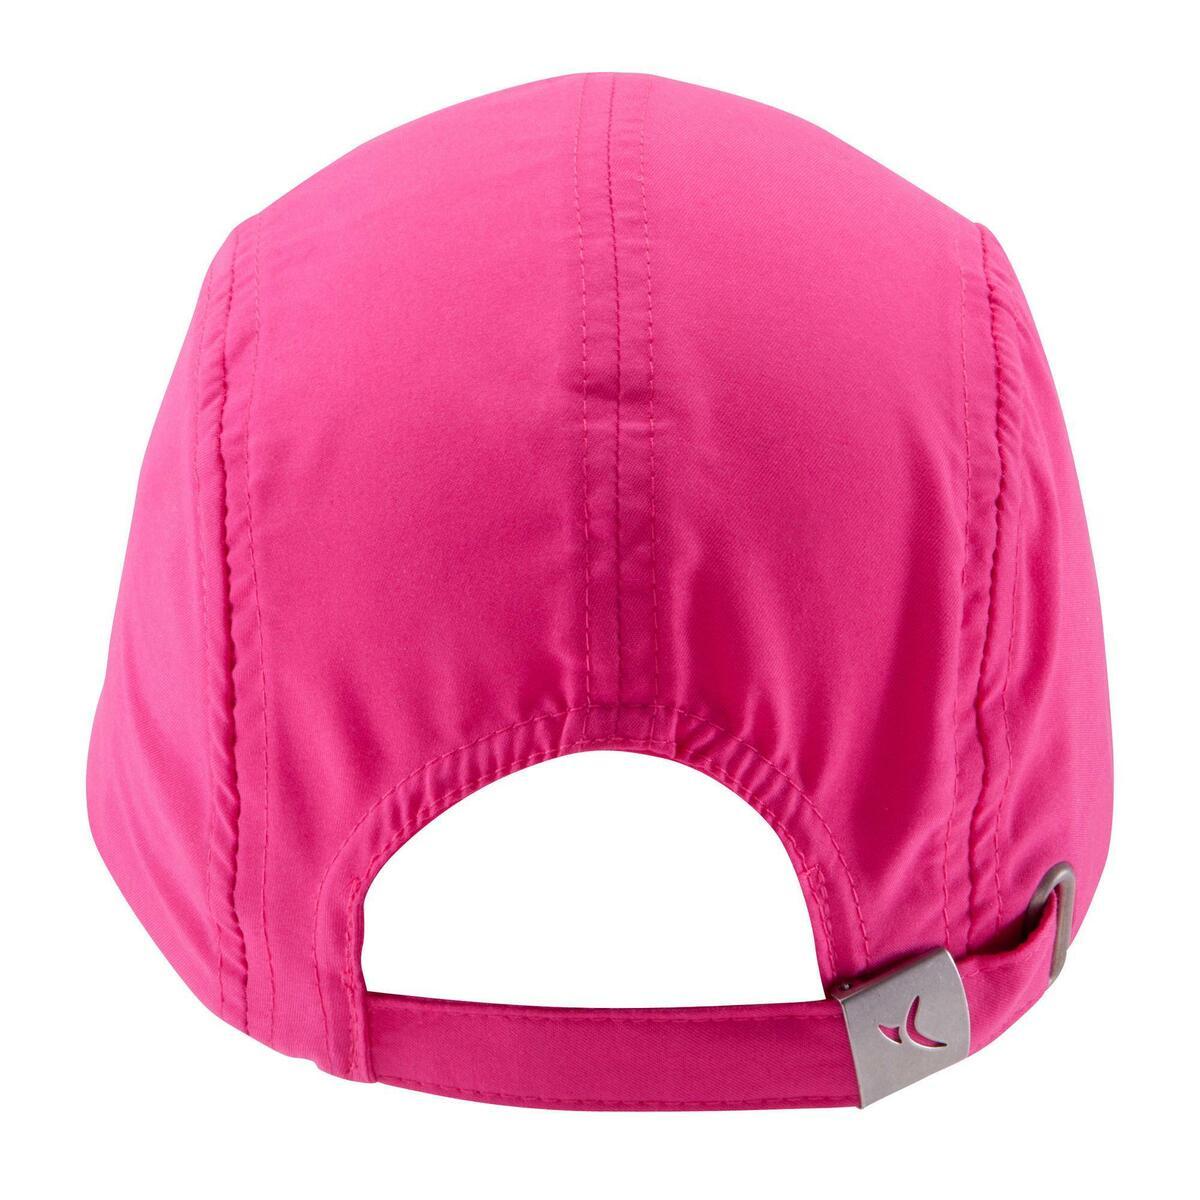 Bild 4 von Cap Fitness Erwachsene rosa